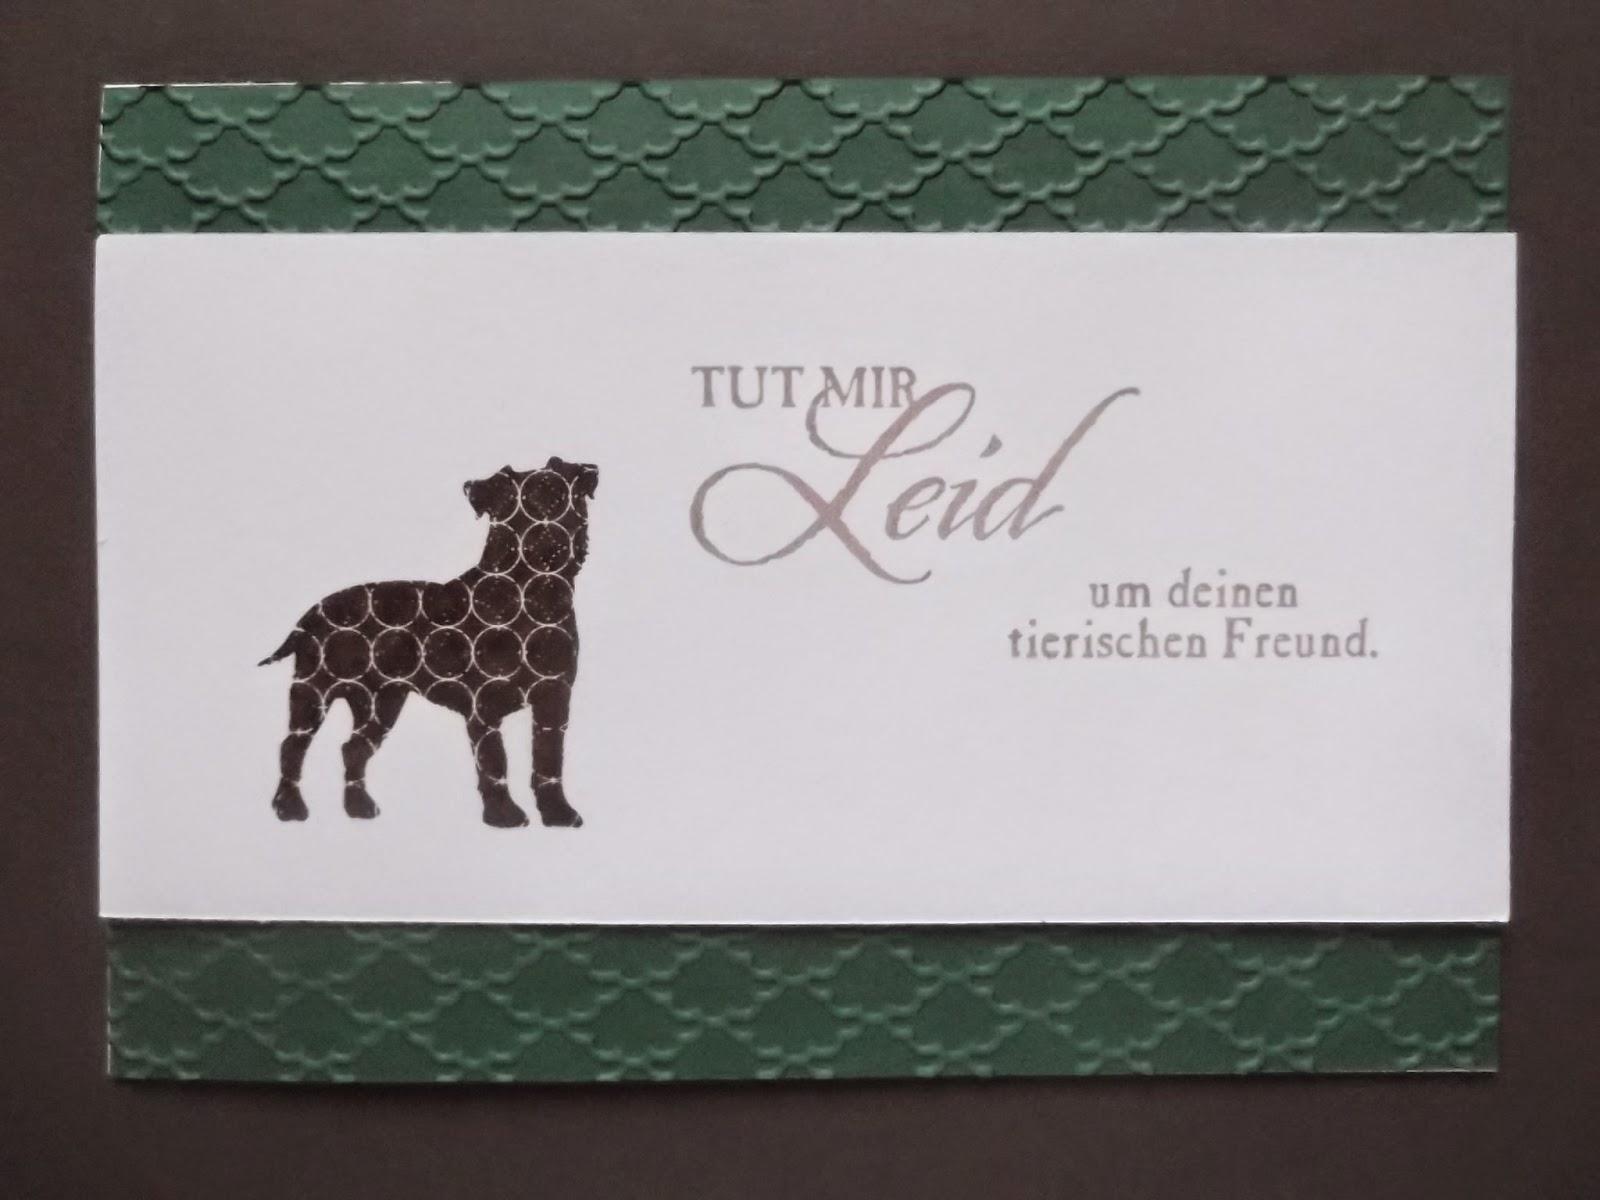 Beileidswunsche Fur Karten: Sconebeker Stempelscheune: Weitere Trauerkarten Für Hunde